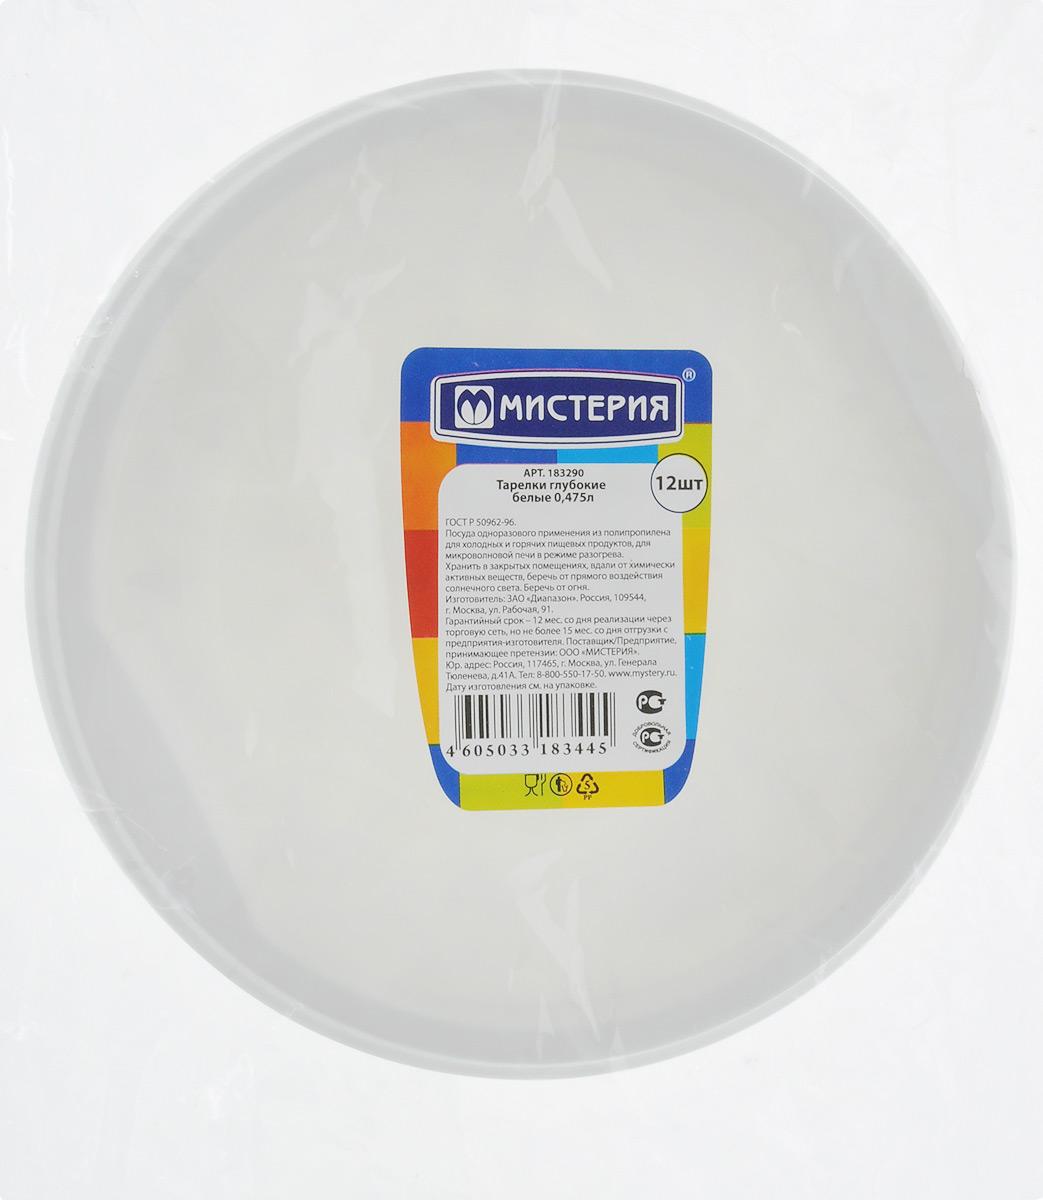 Набор одноразовых суповых тарелок Мистерия, 475 мл, 12 шт183290Набор Мистерия состоит из 12 круглых суповых тарелок, выполненных из полипропилена и предназначенных для одноразового использования. Одноразовые тарелки будут незаменимы при поездках на природу, пикниках и других мероприятиях. Они не займут много места, легки и самое главное - после использования их не надо мыть. Диаметр тарелки (по верхнему краю): 15 см. Высота тарелки: 4 см. Объем тарелки: 475 мл.